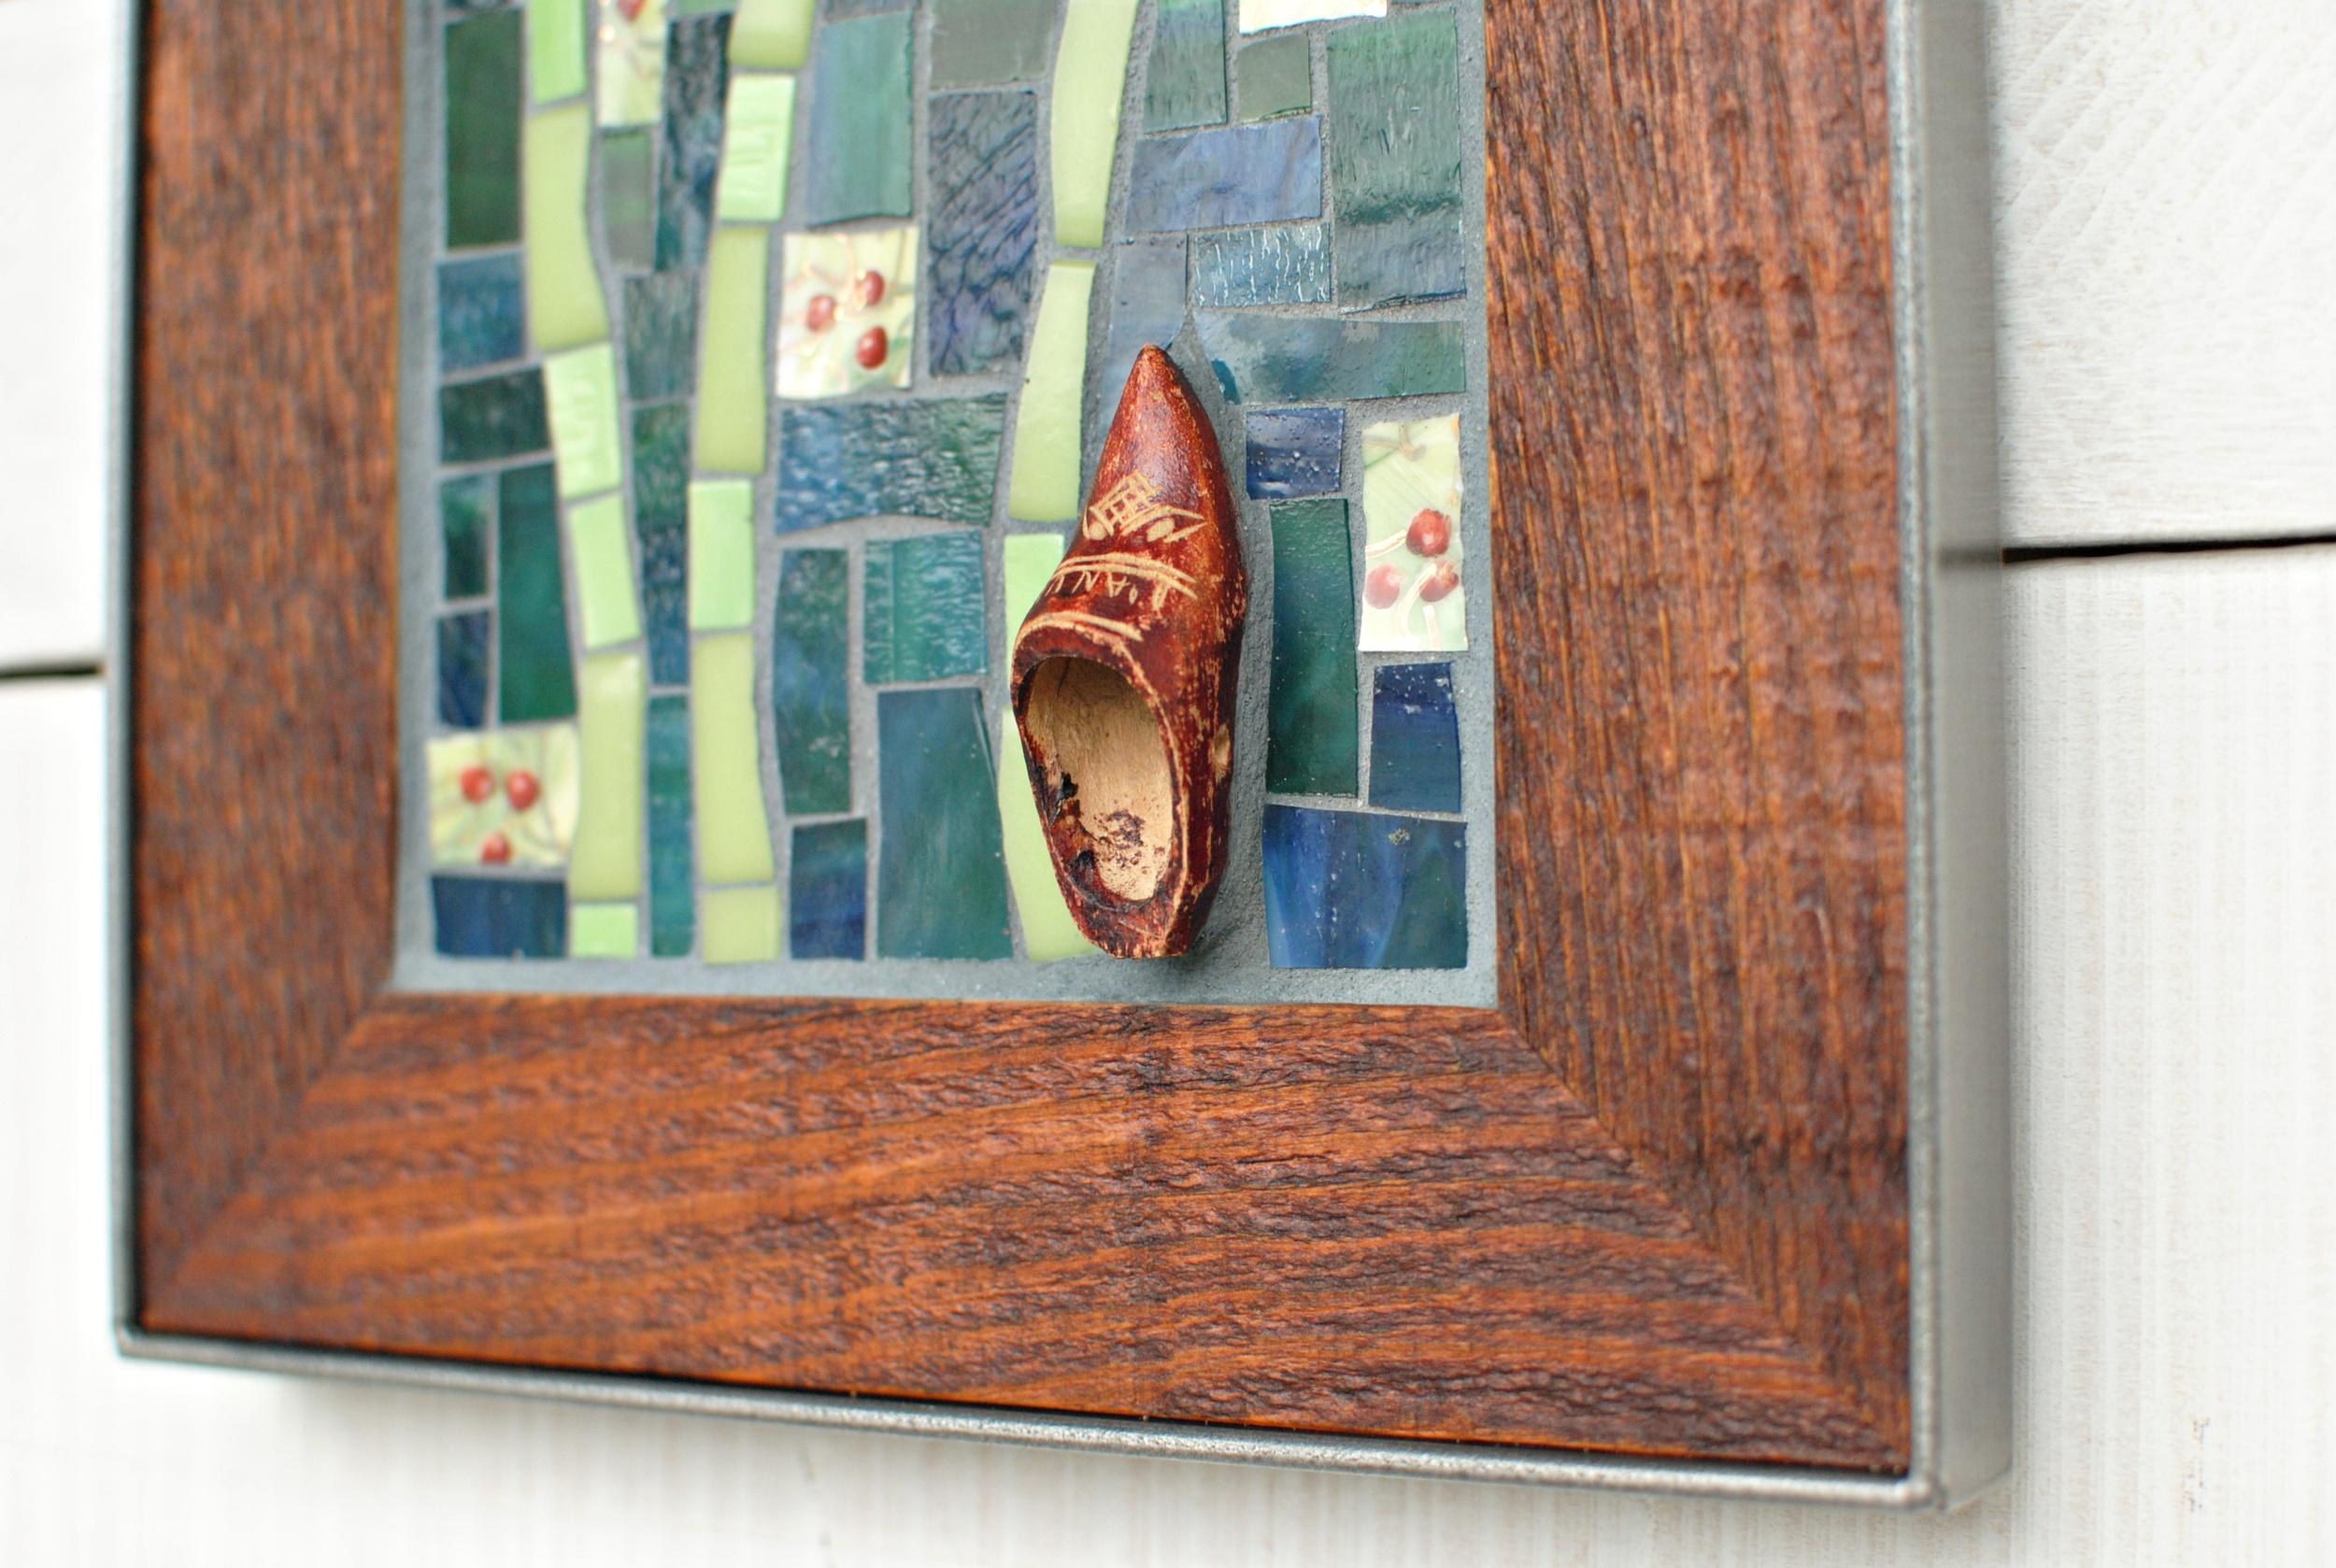 Mosaic poppies shoe detail PH2014.JPG